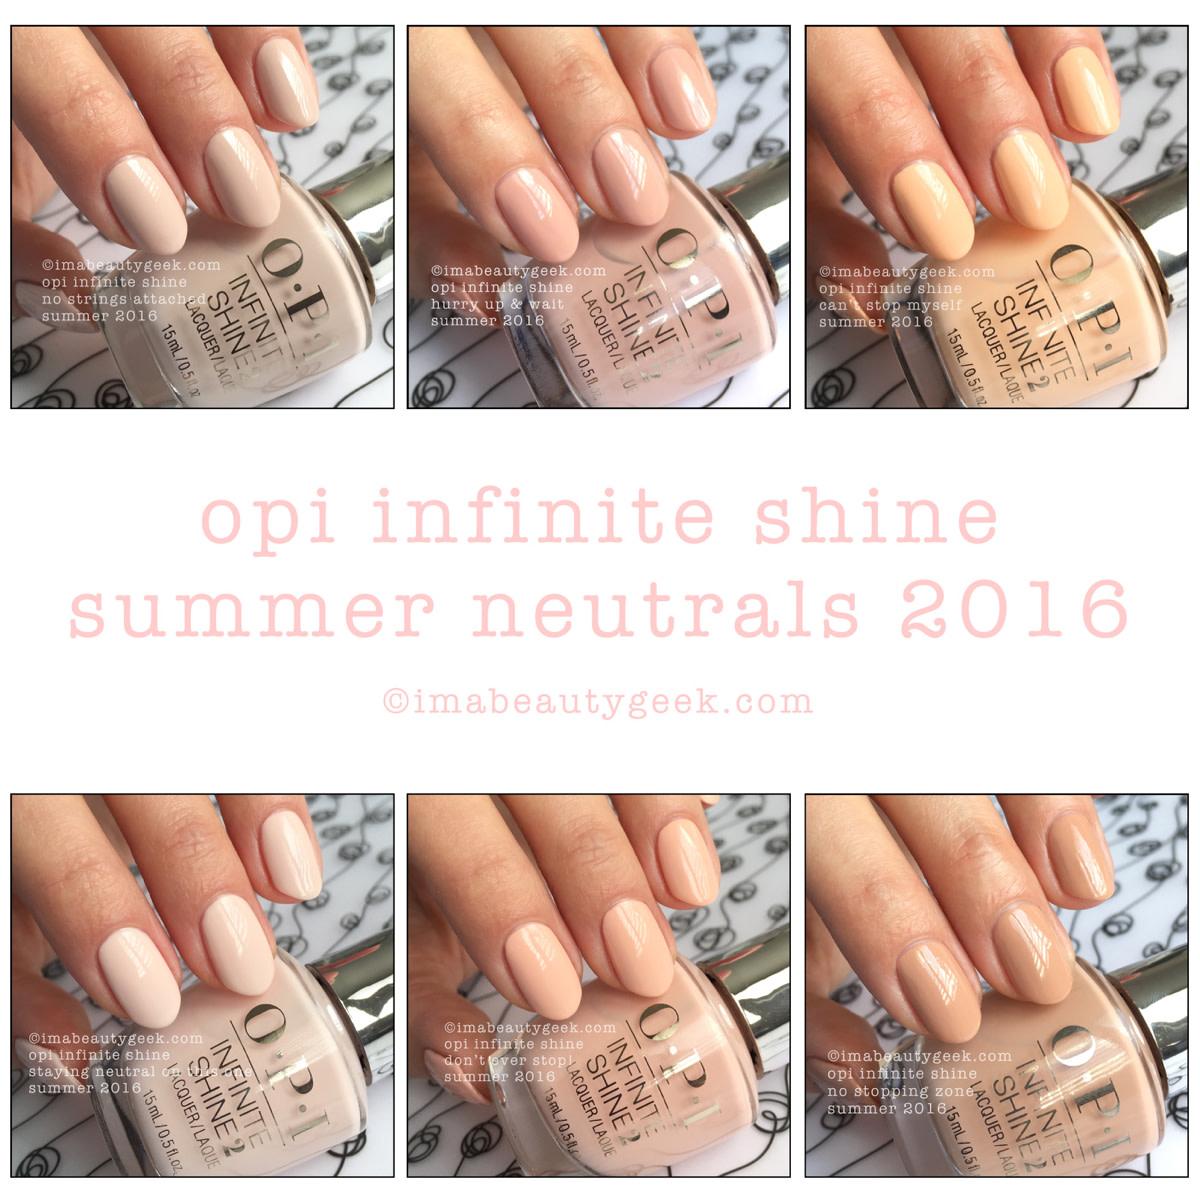 OPI Infinite Shine Summer Neutrals 2016